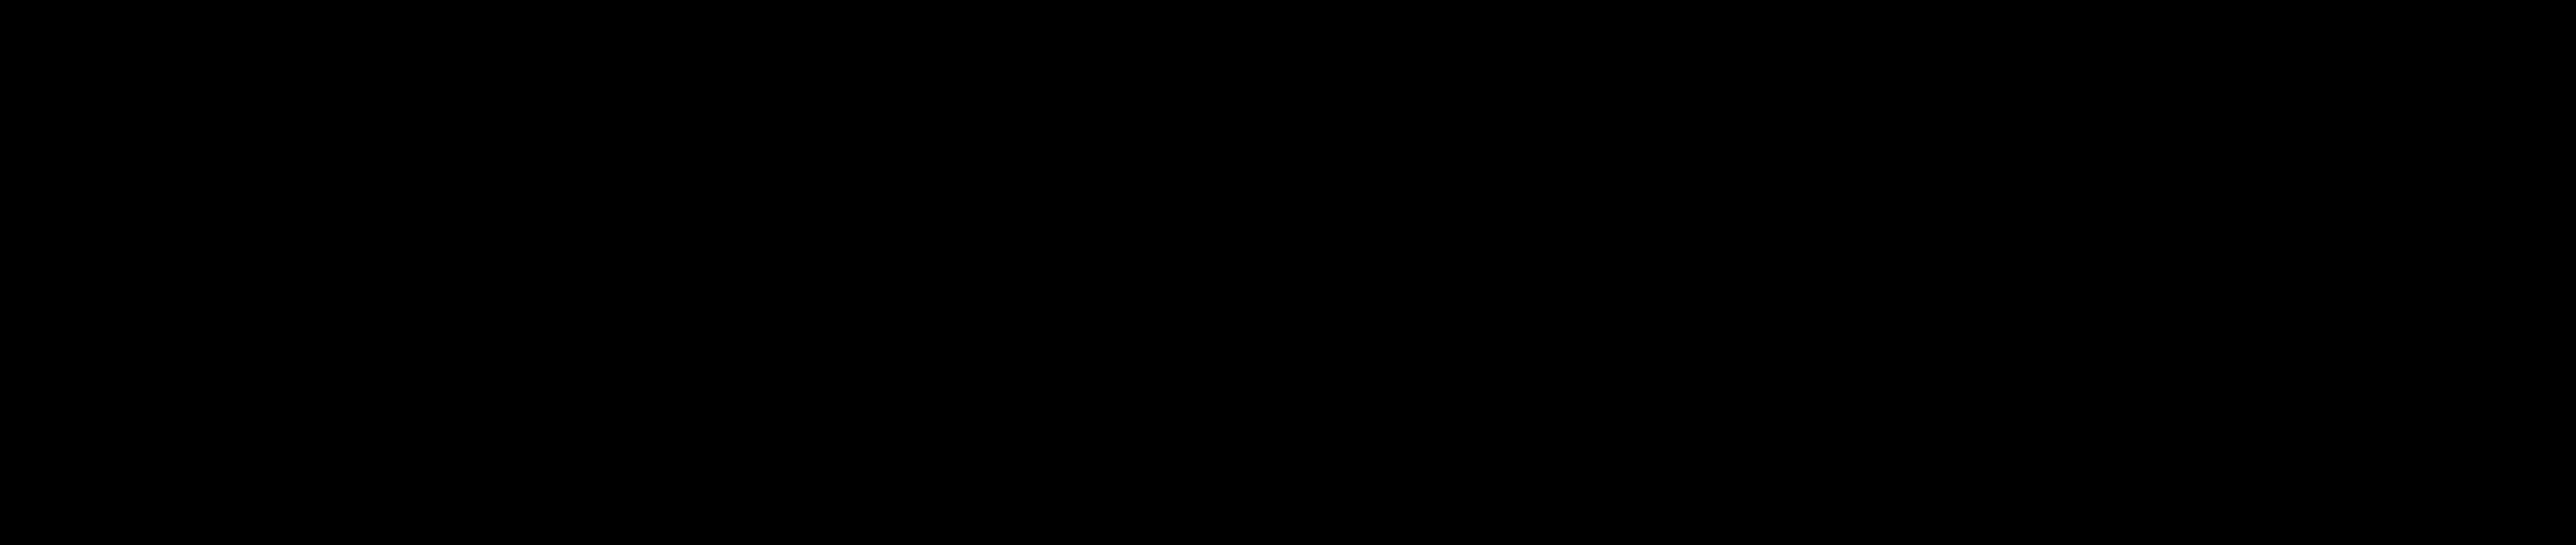 Axe logo clipart - Axe Black Logo Vector PNG